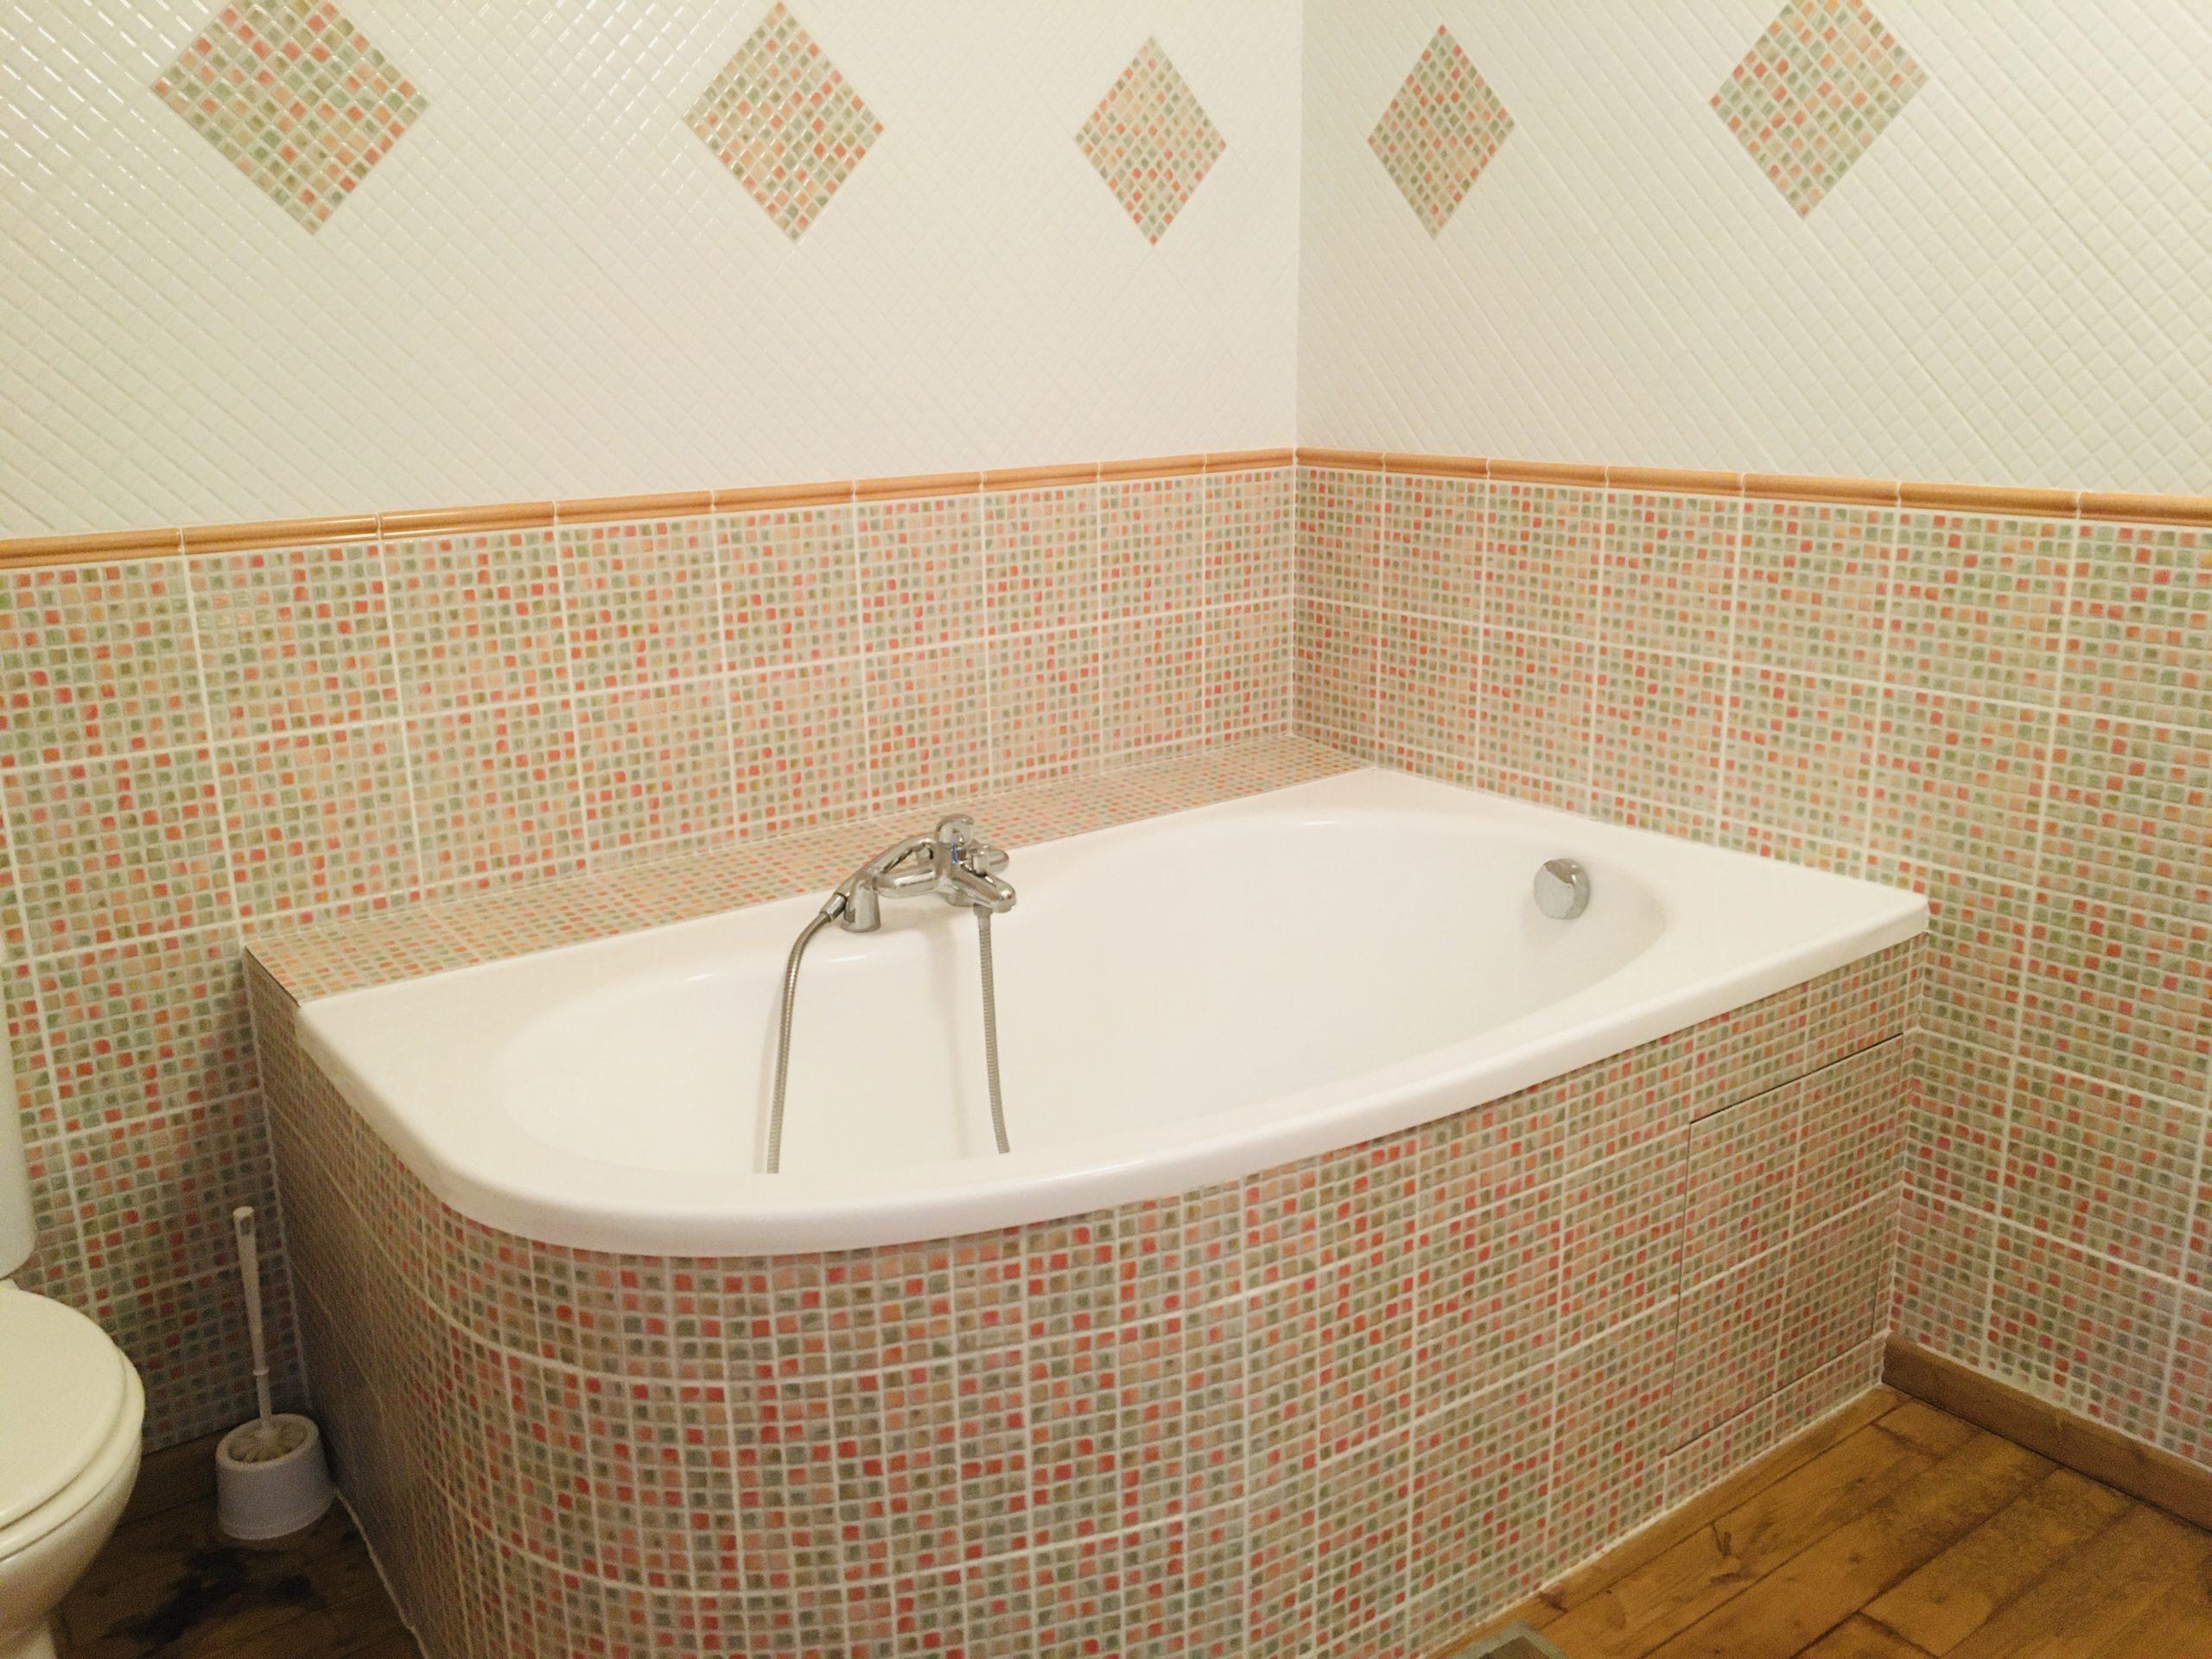 baignoire dans salle de bain à la faience orange